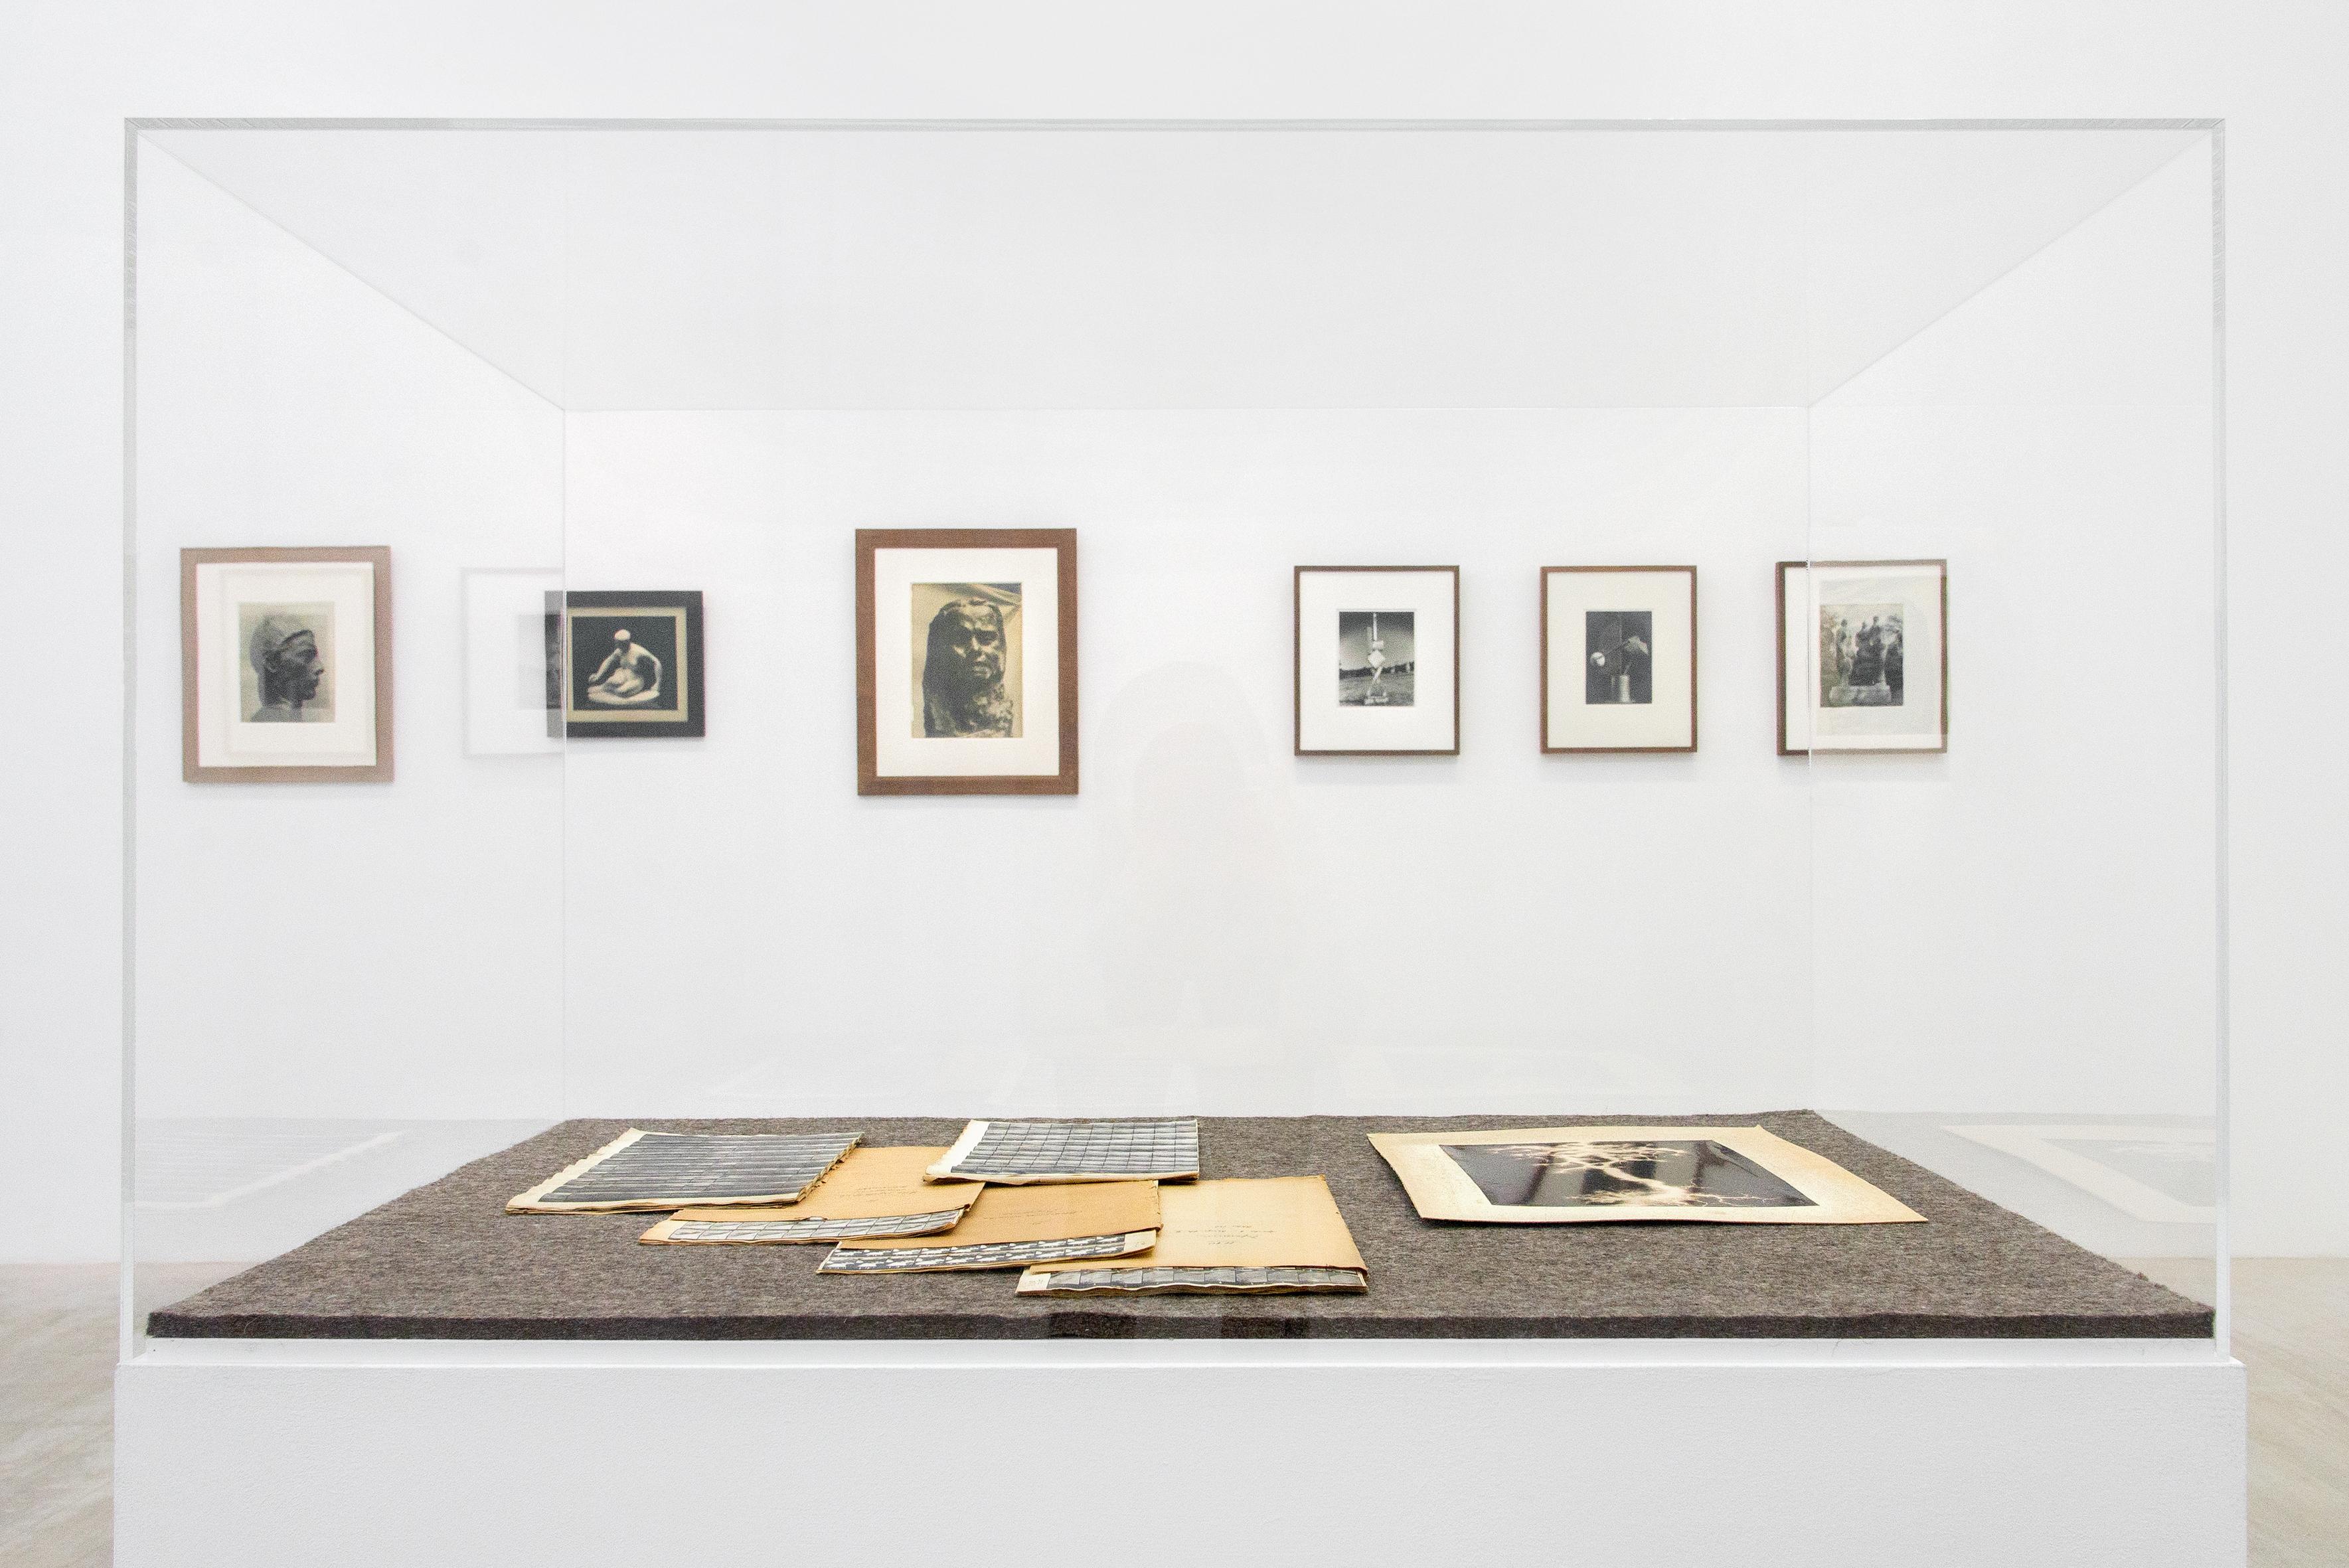 Einblicke in die Sammlung von Didier Vermeiren / Elsa Cayo und Thomas Ruff (Foto: Hye-Mi Kim)